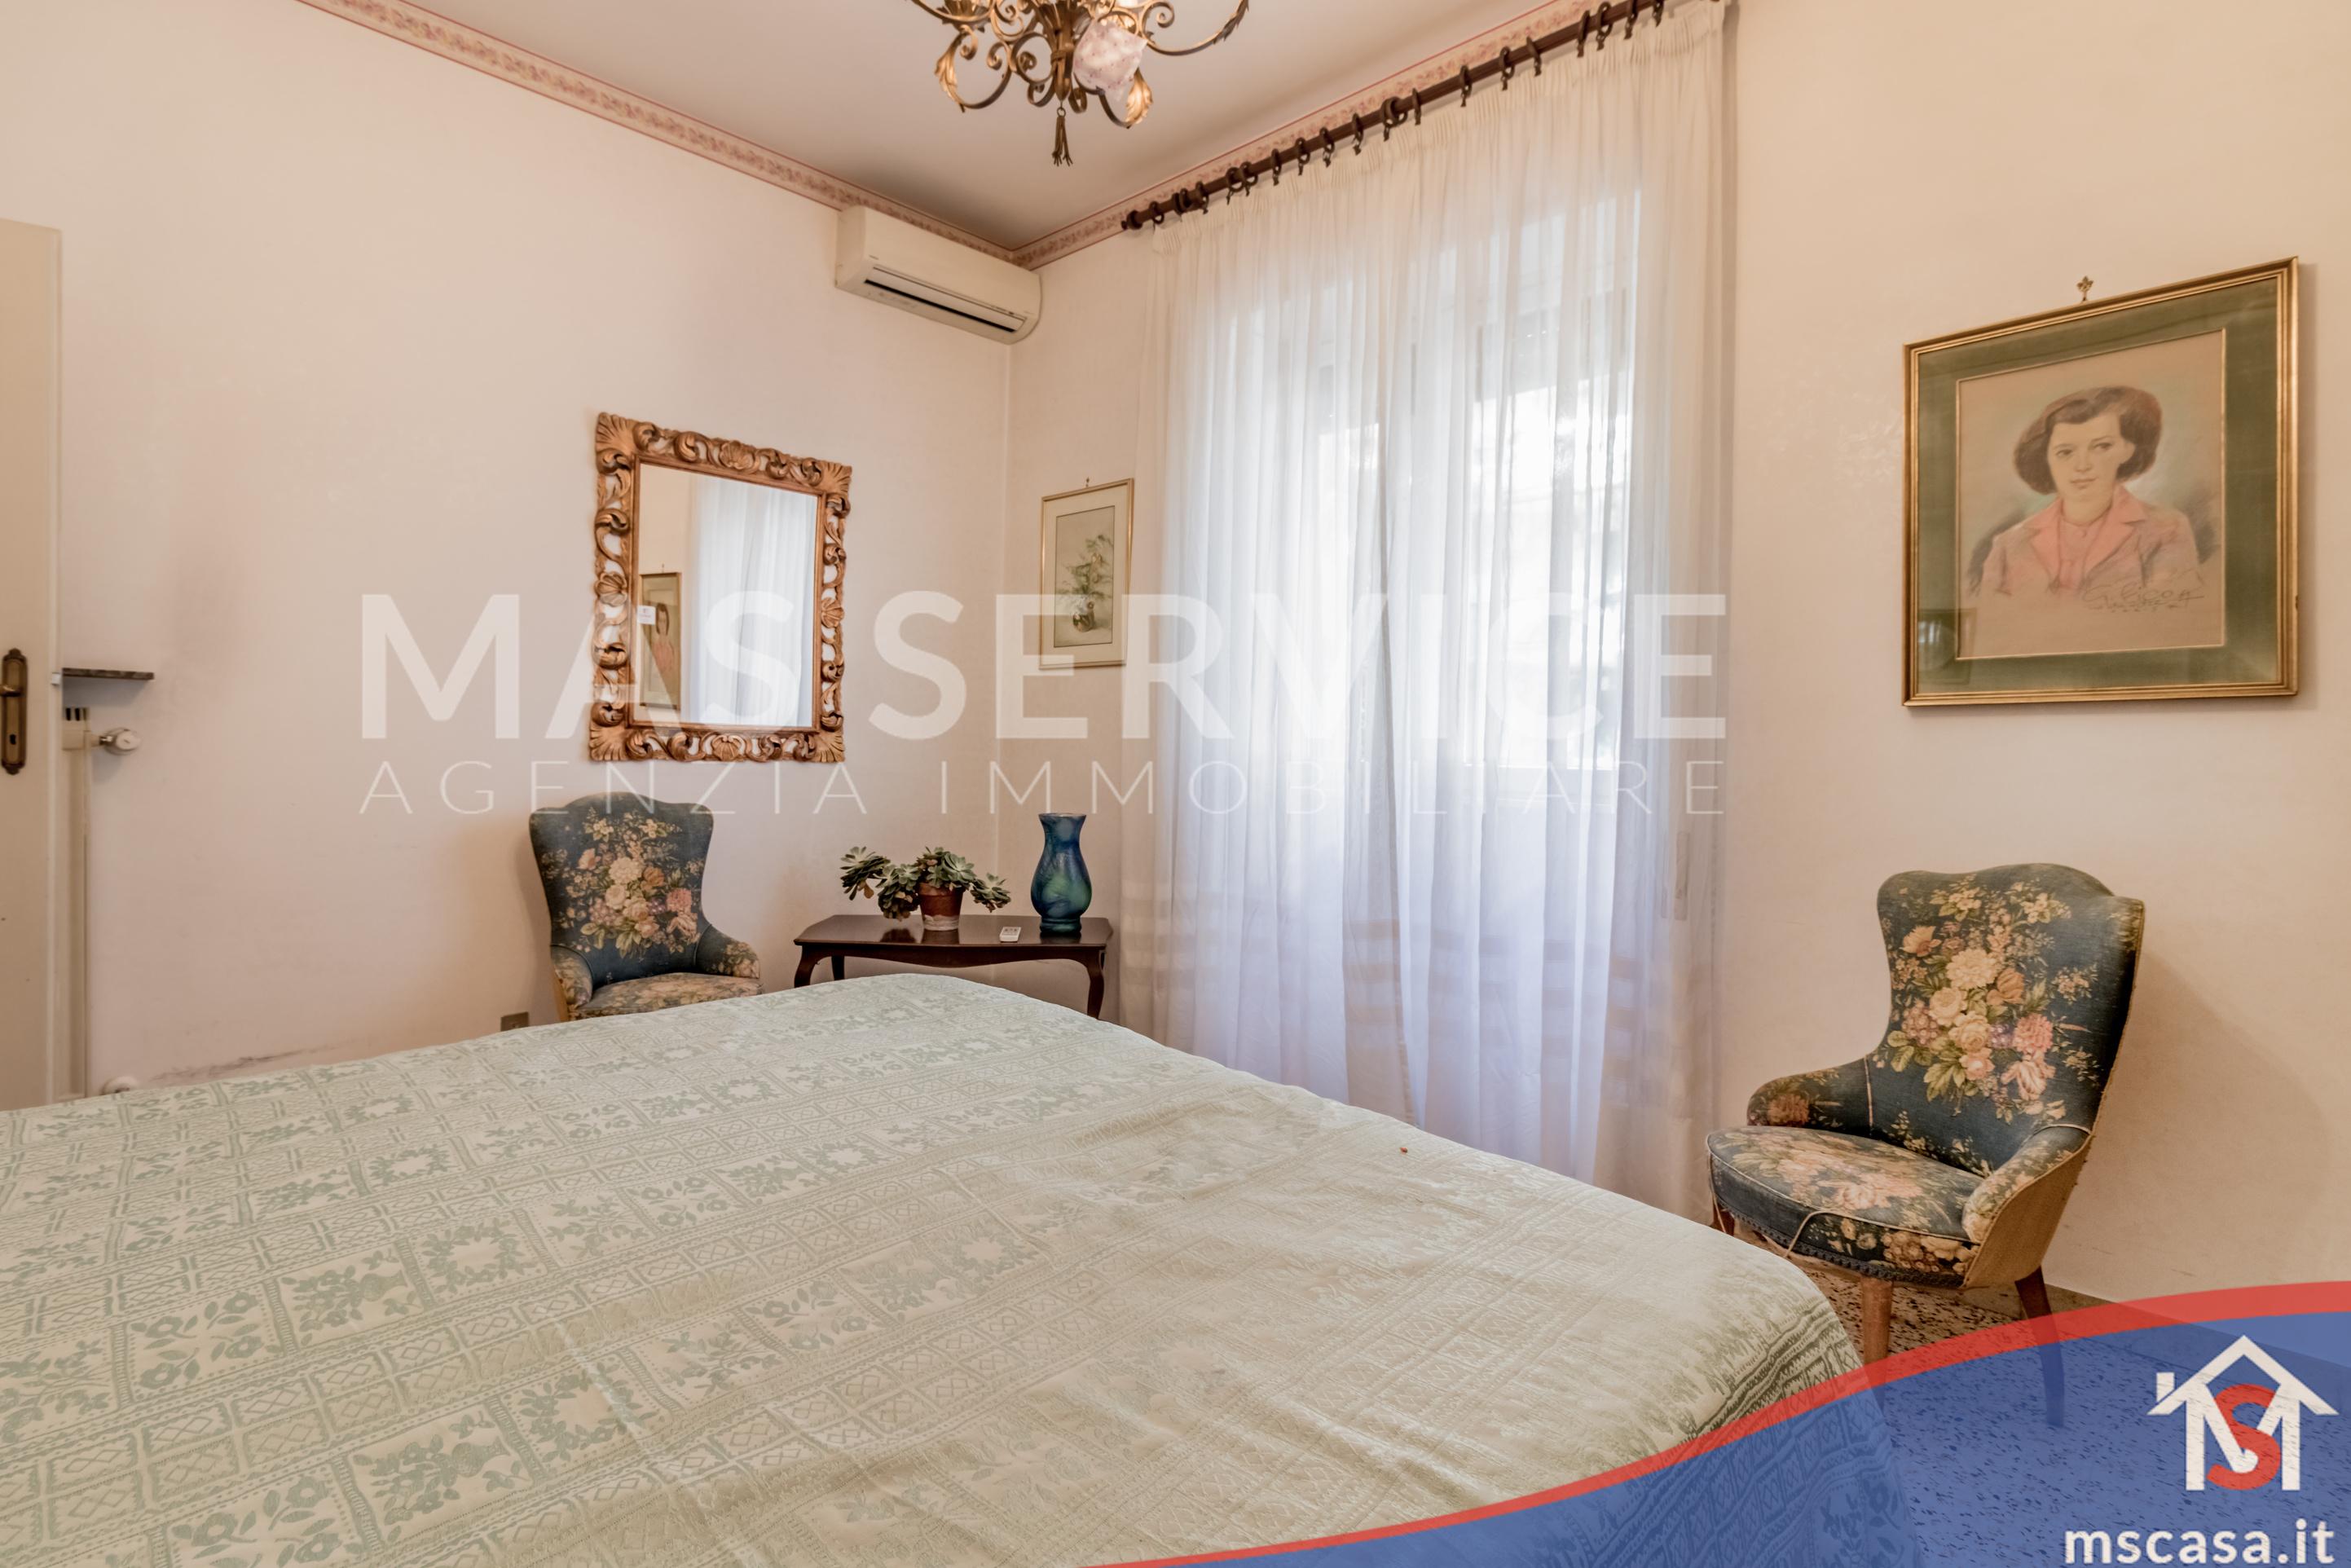 Trilocale in vendita zona Montagnola a Roma Camera Matrimoniale dettaglio fInestra